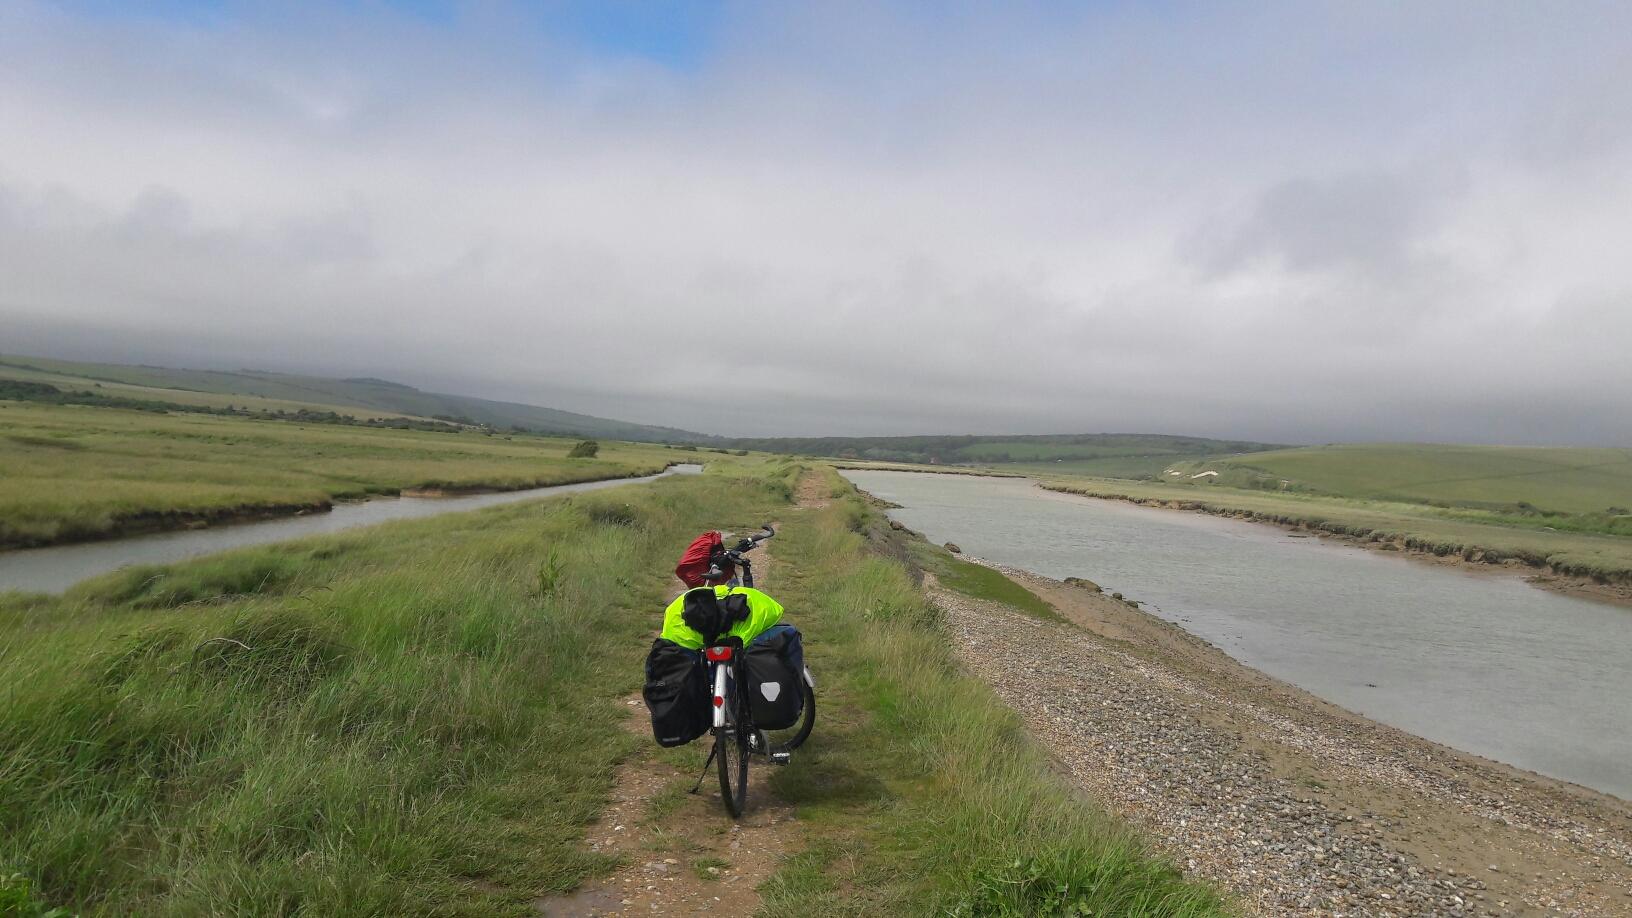 Der Weg am Fluss sollte mit Bike befahrbar sein, laut Komoot, aber dann kam der feuchte Lehm